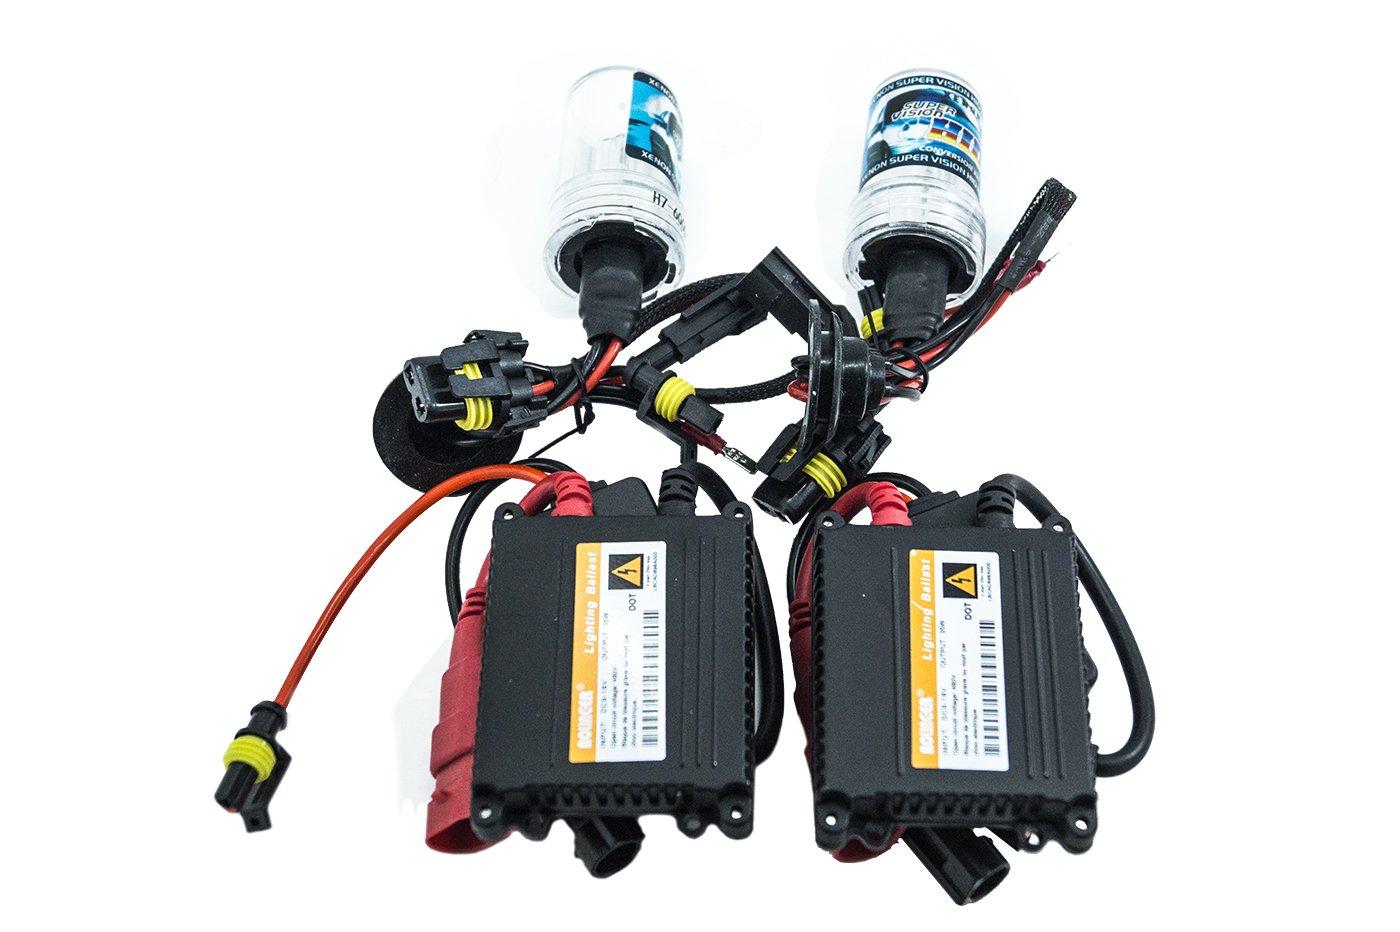 KIT XENON LAMPADE H7 6000K 35W CENTRALINE SLIM COMPLETO PER LINSTALLAZIONE ADATTO PER AUTO